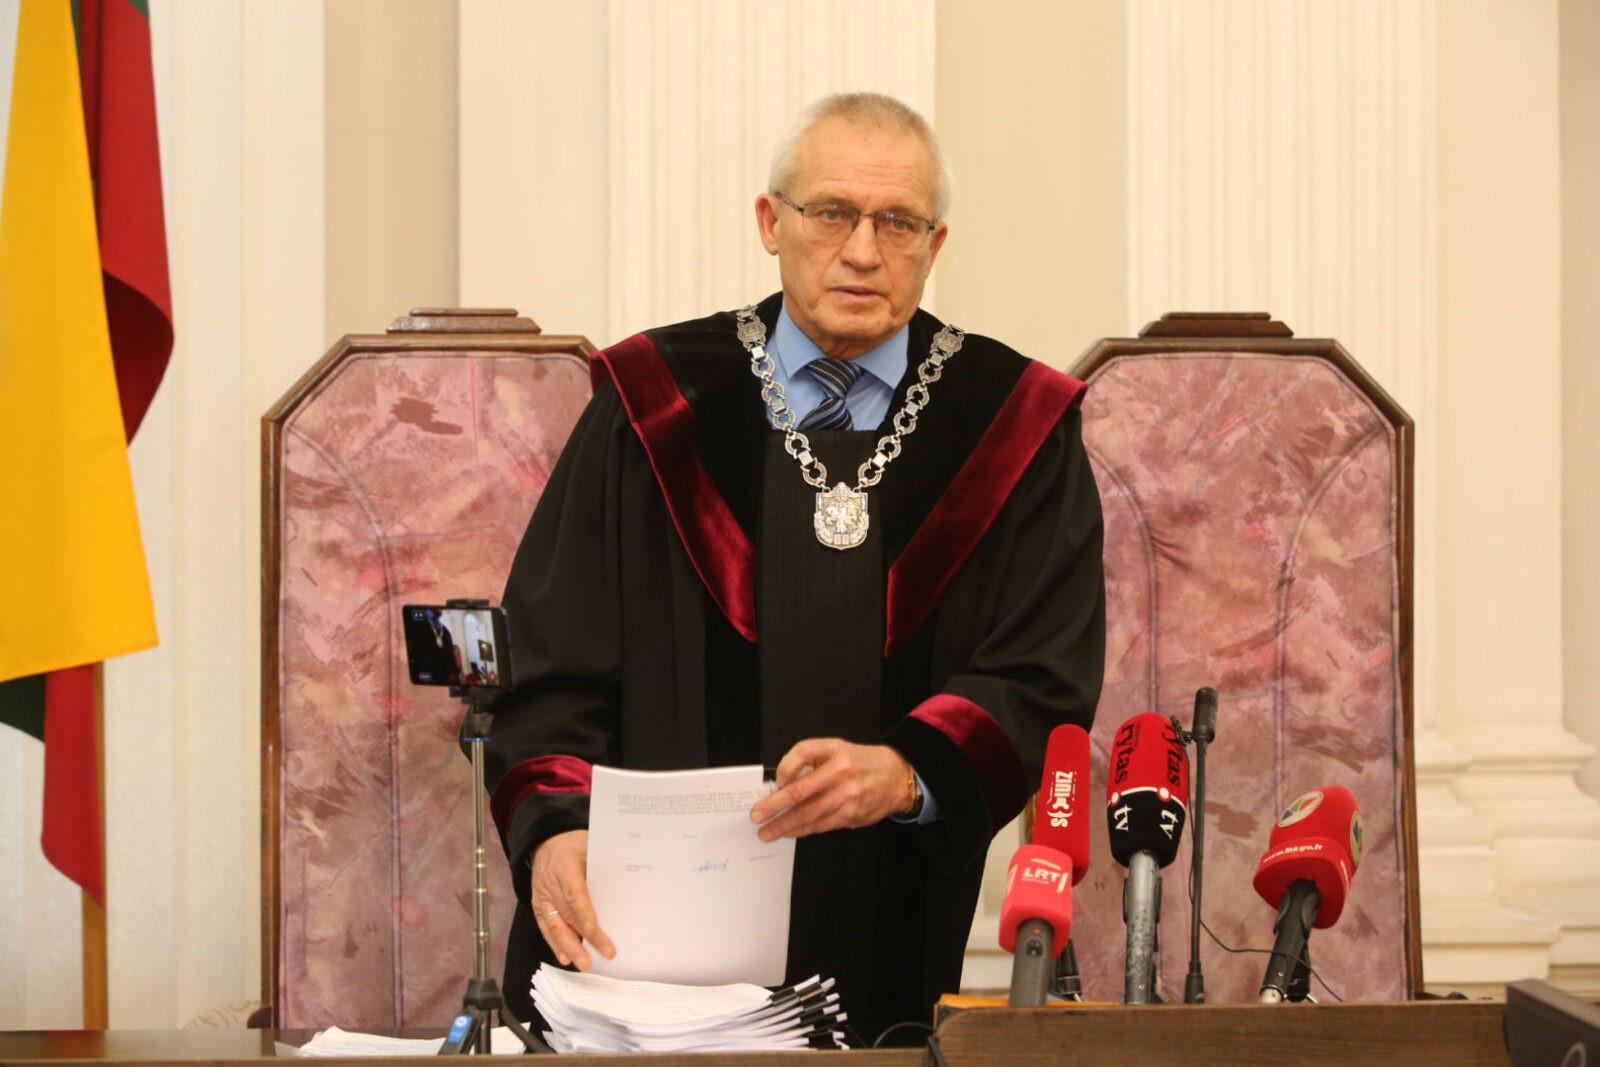 Girtą padariusį avariją Vilniaus apygardos teismo pirmininką Stasį Lemežį gelbėjo visa teisėjų gauja